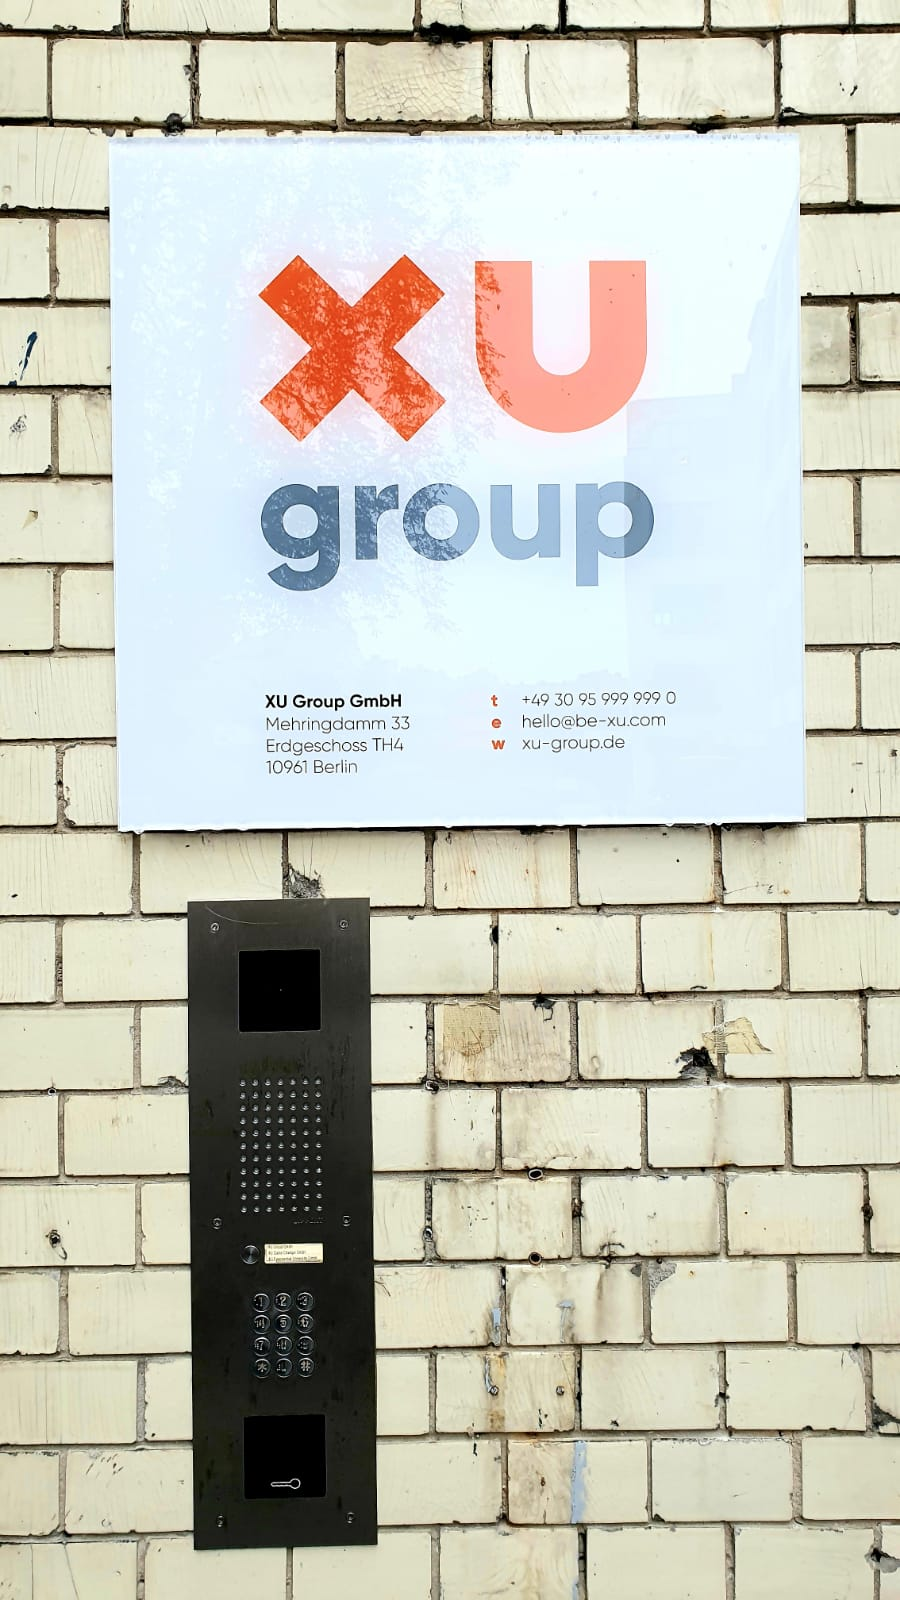 Der Standort der XU Group in Berlin